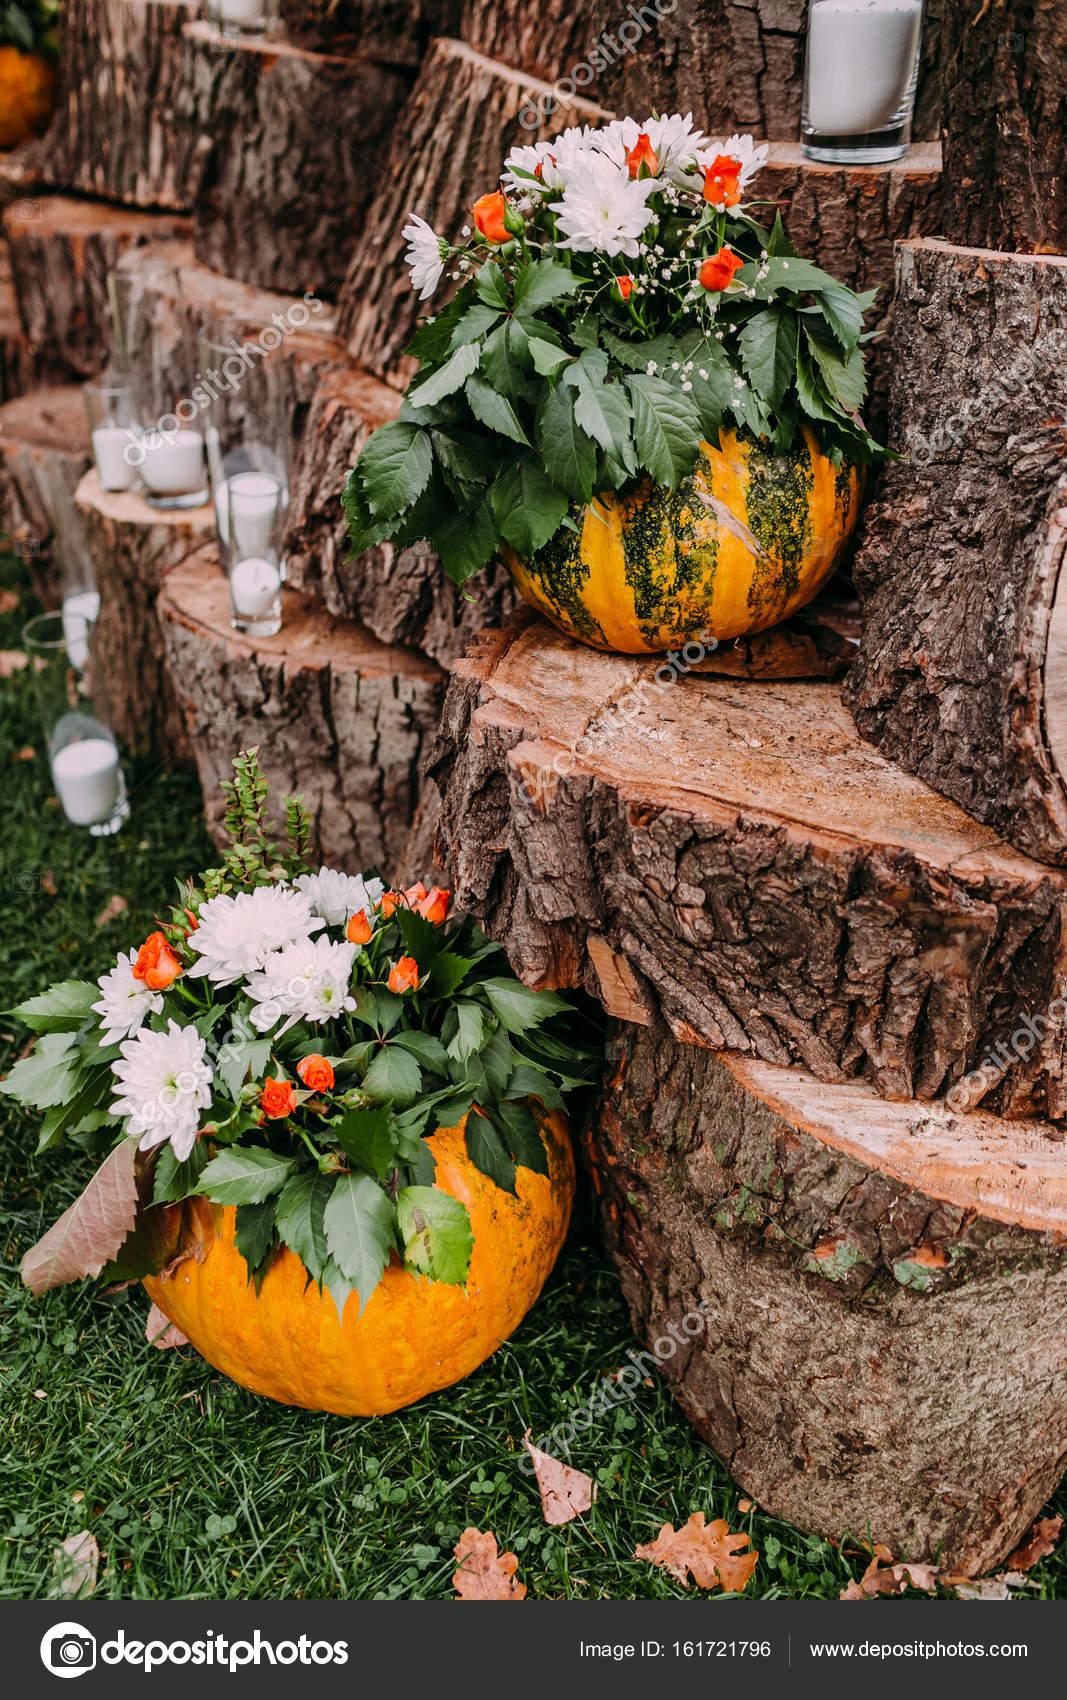 Krasne Svatebni Dekorace Podzimni Svatba V Oranzove Barvy Dyne